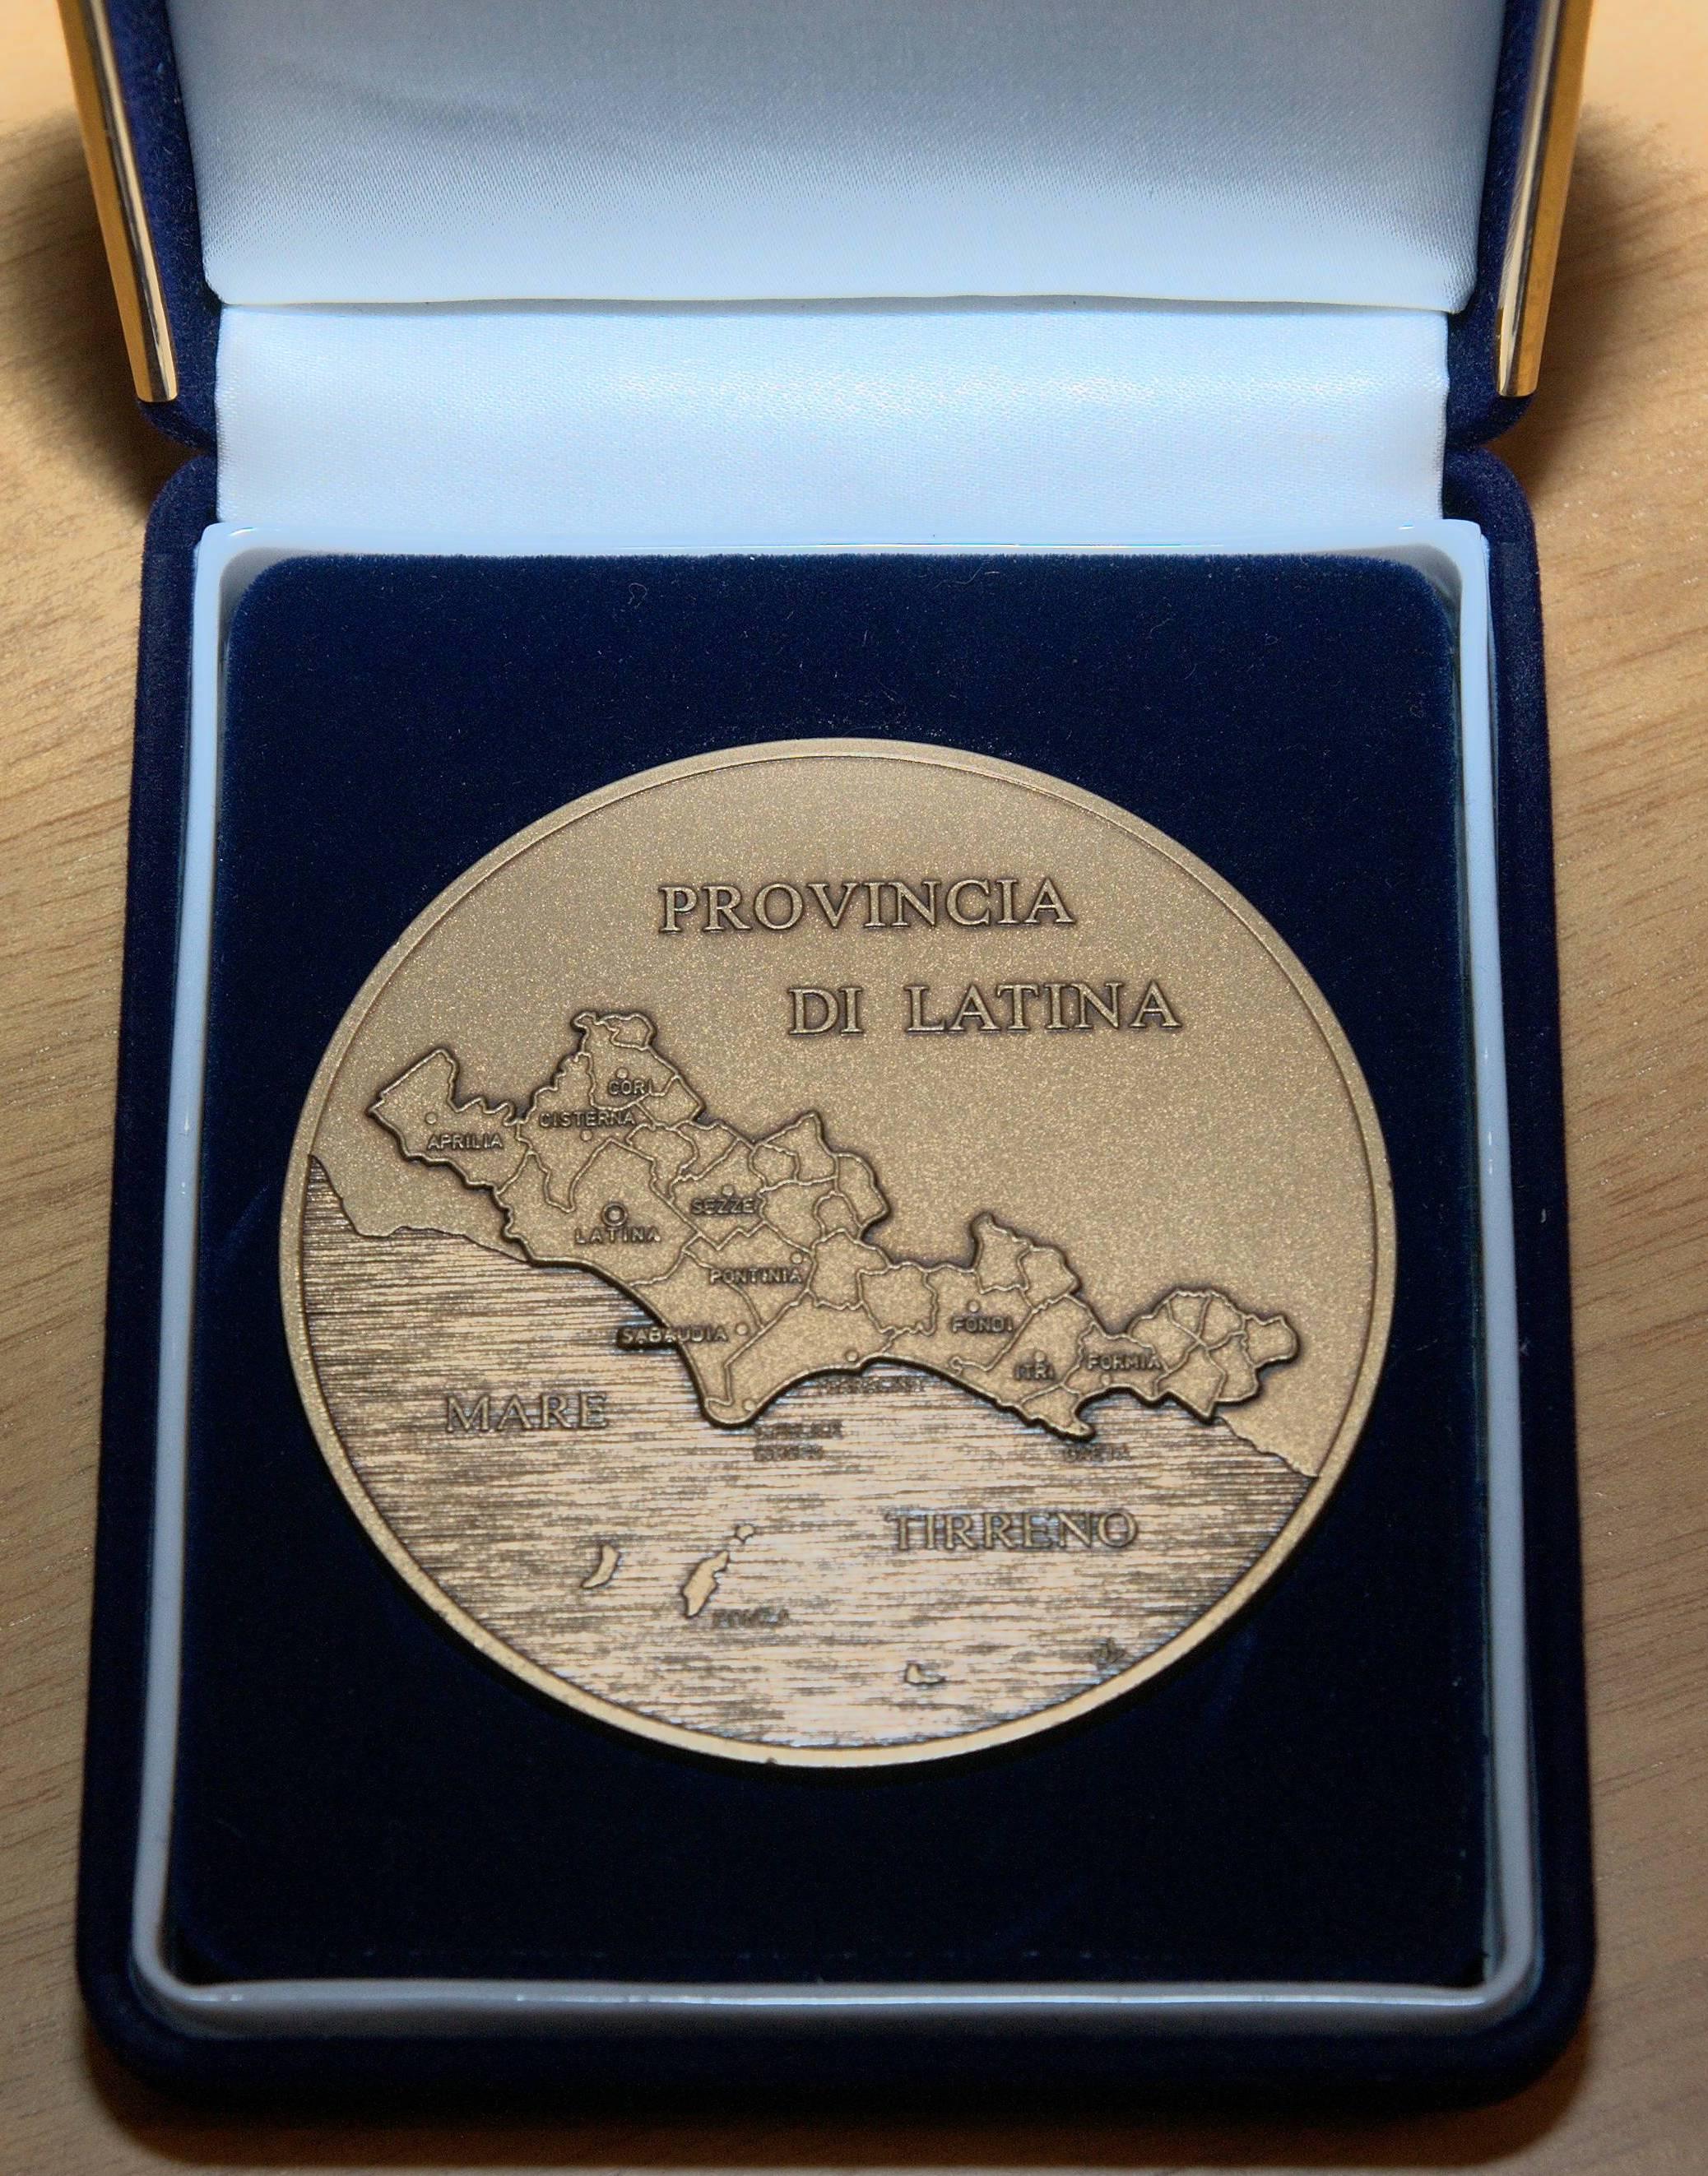 Medaglia 50° Anniversario Fondazione del Collegio di Latina - Vista retro